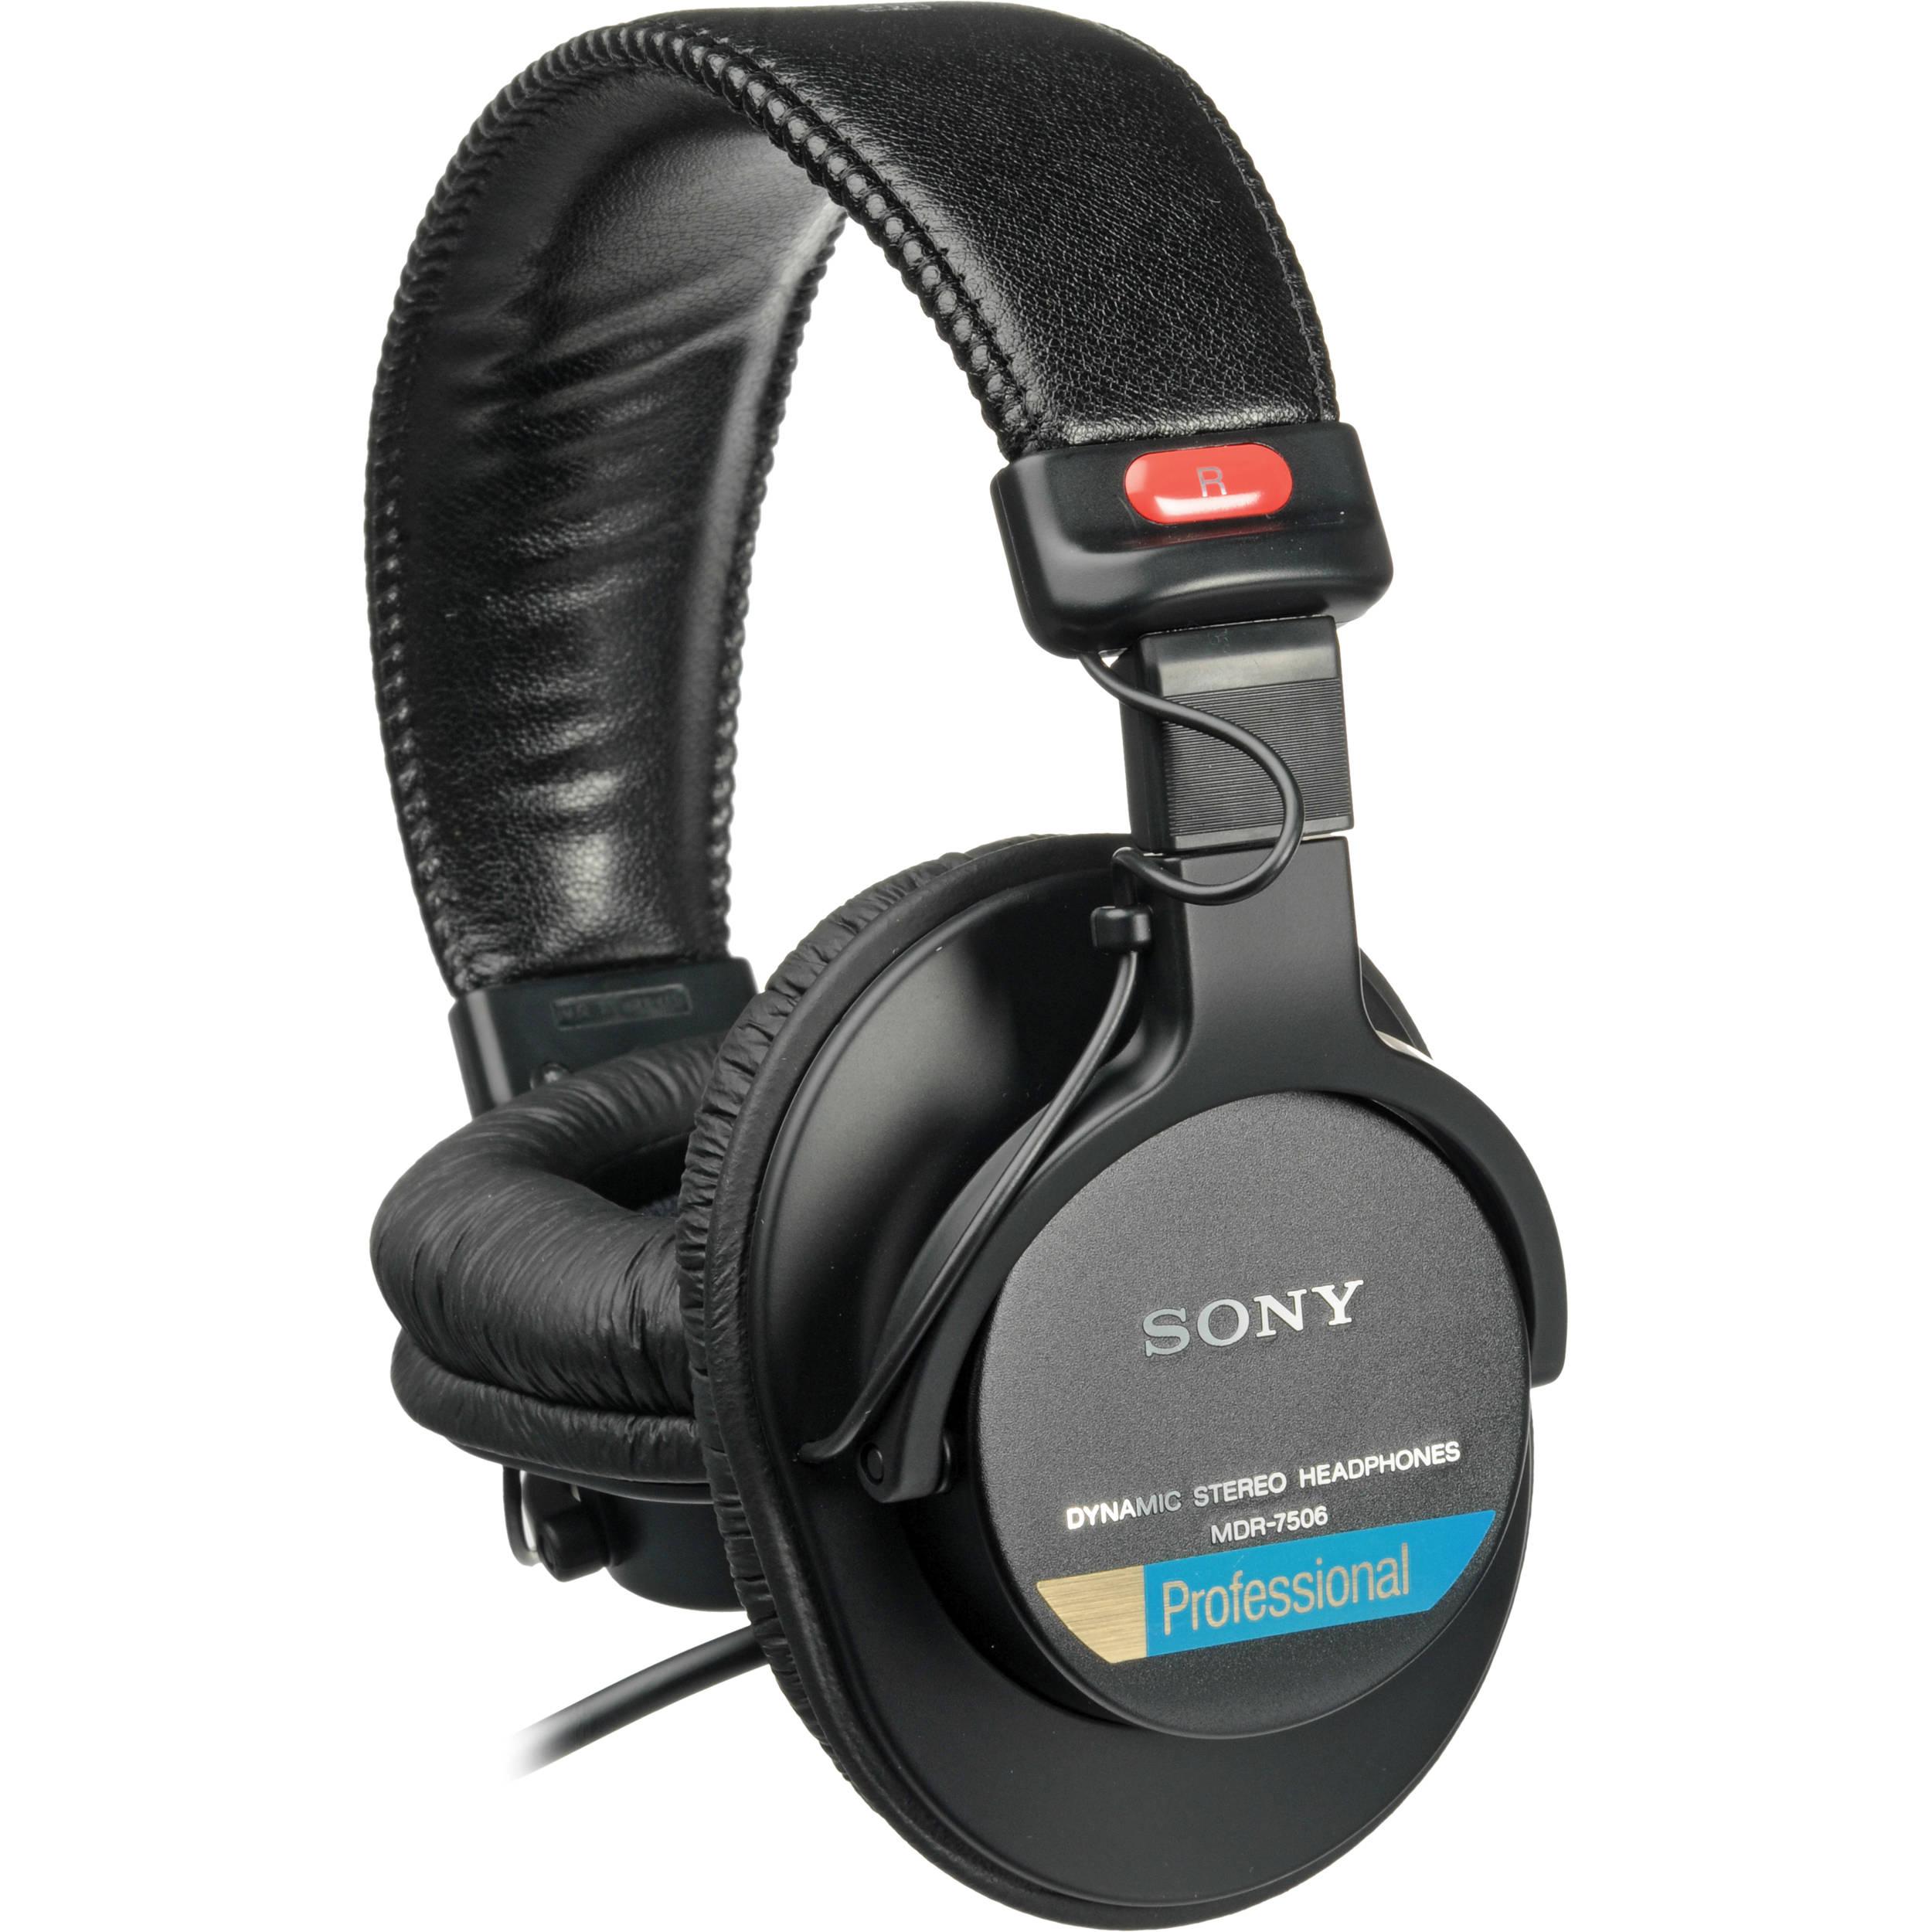 Billede af Sony MDR-7506 Professional Hovedtelefon